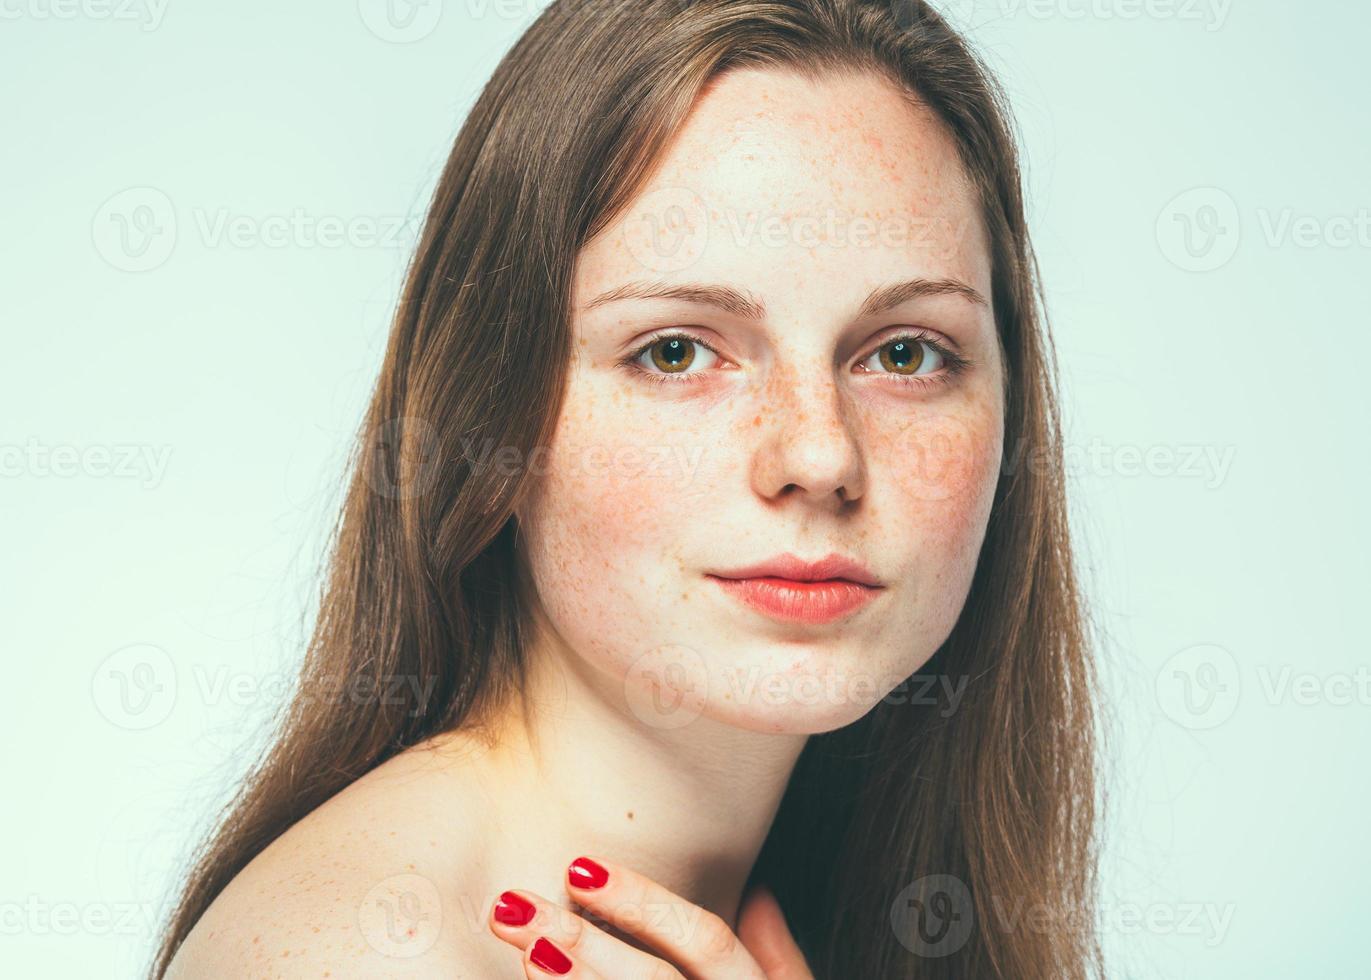 mooie vrouw gezicht portret jong foto